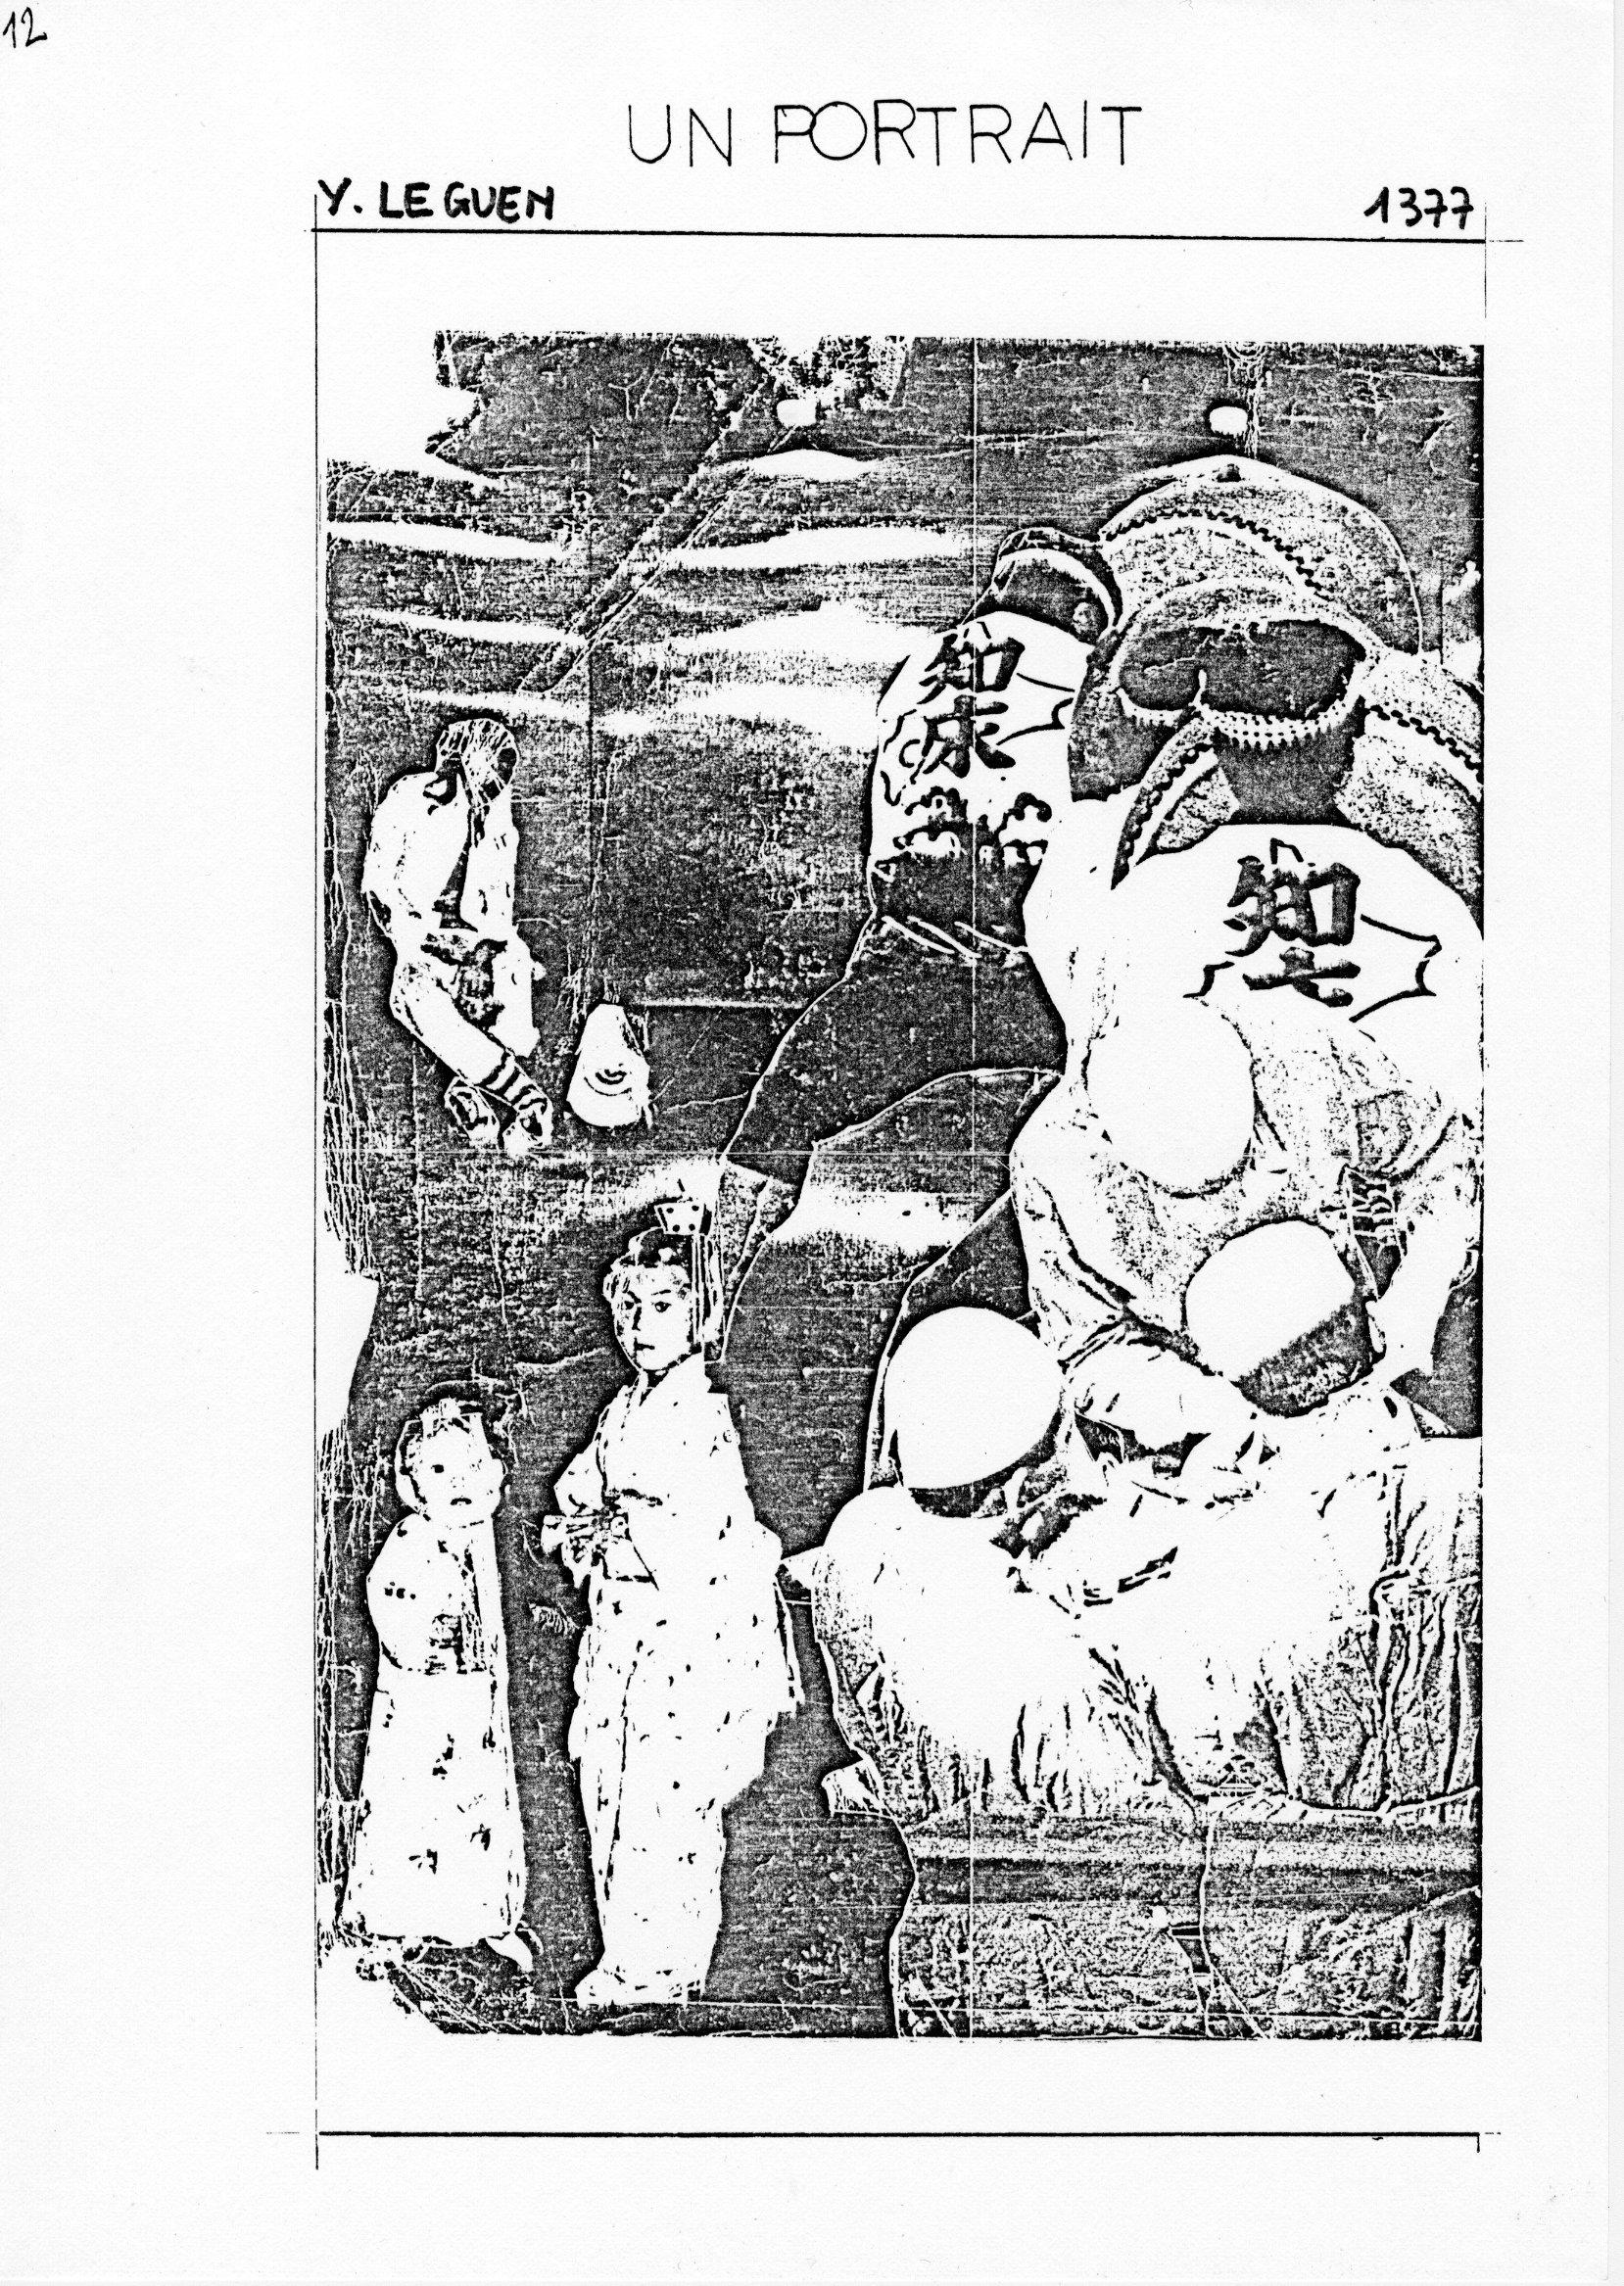 page 1377 Y. Leguen UN PORTRAIT